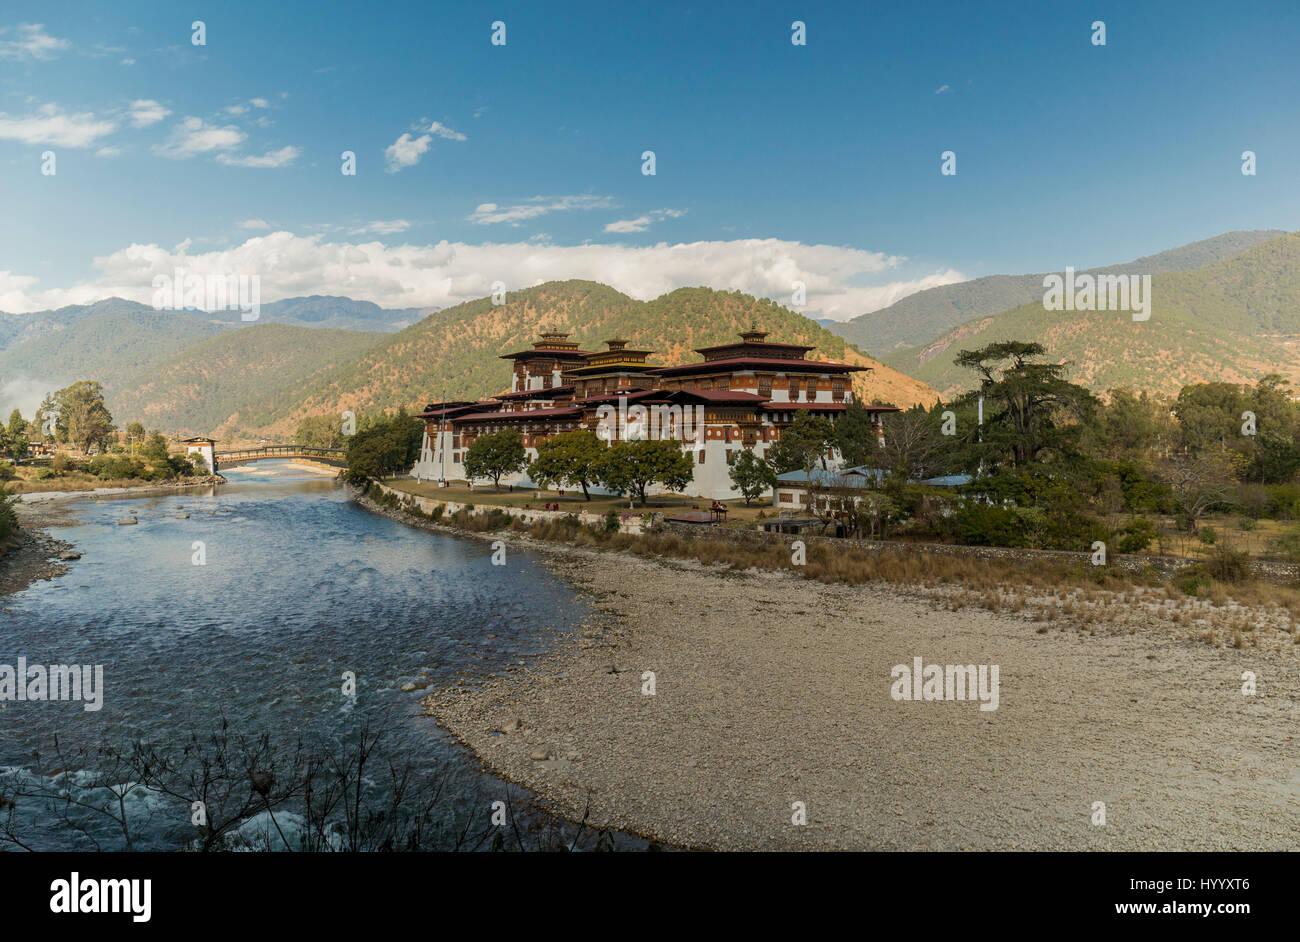 Punakha Dzong am Zusammenfluss der beiden Flüsse Mo Chhu und Pho Chhu (Bhutan) Stockbild